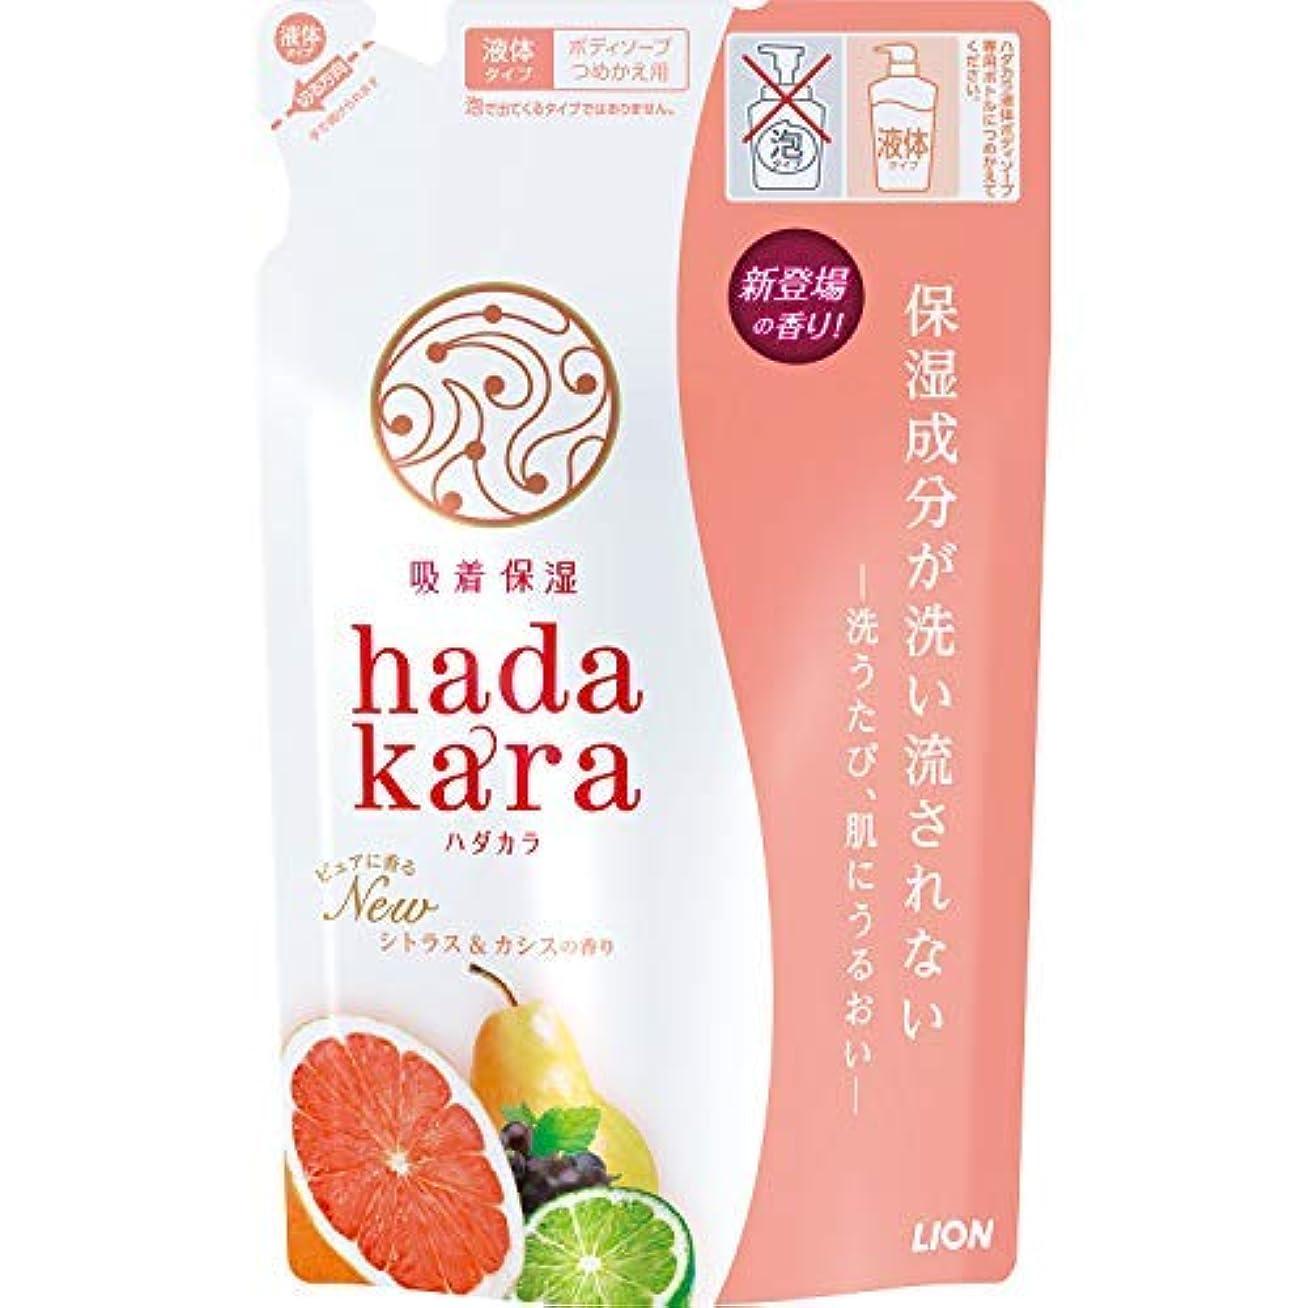 エミュレーション配るクラブhadakara(ハダカラ)ボディソープ シトラス&カシスの香り 詰替え用 360ml × 5個セット